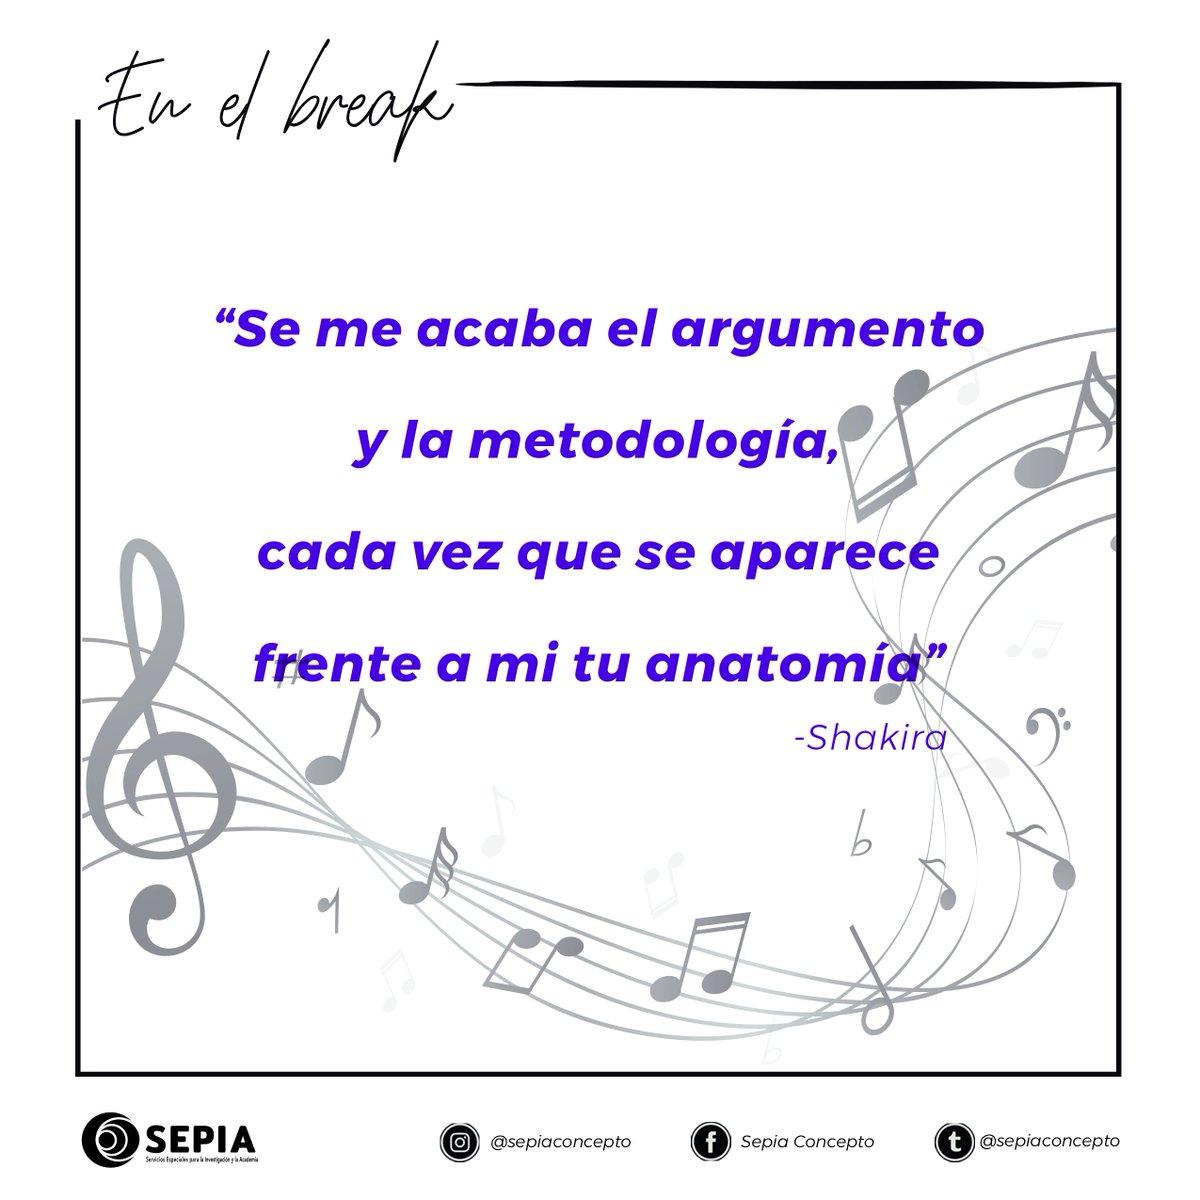 Sepia Concepto (@sepiaconcepto) | Twitter